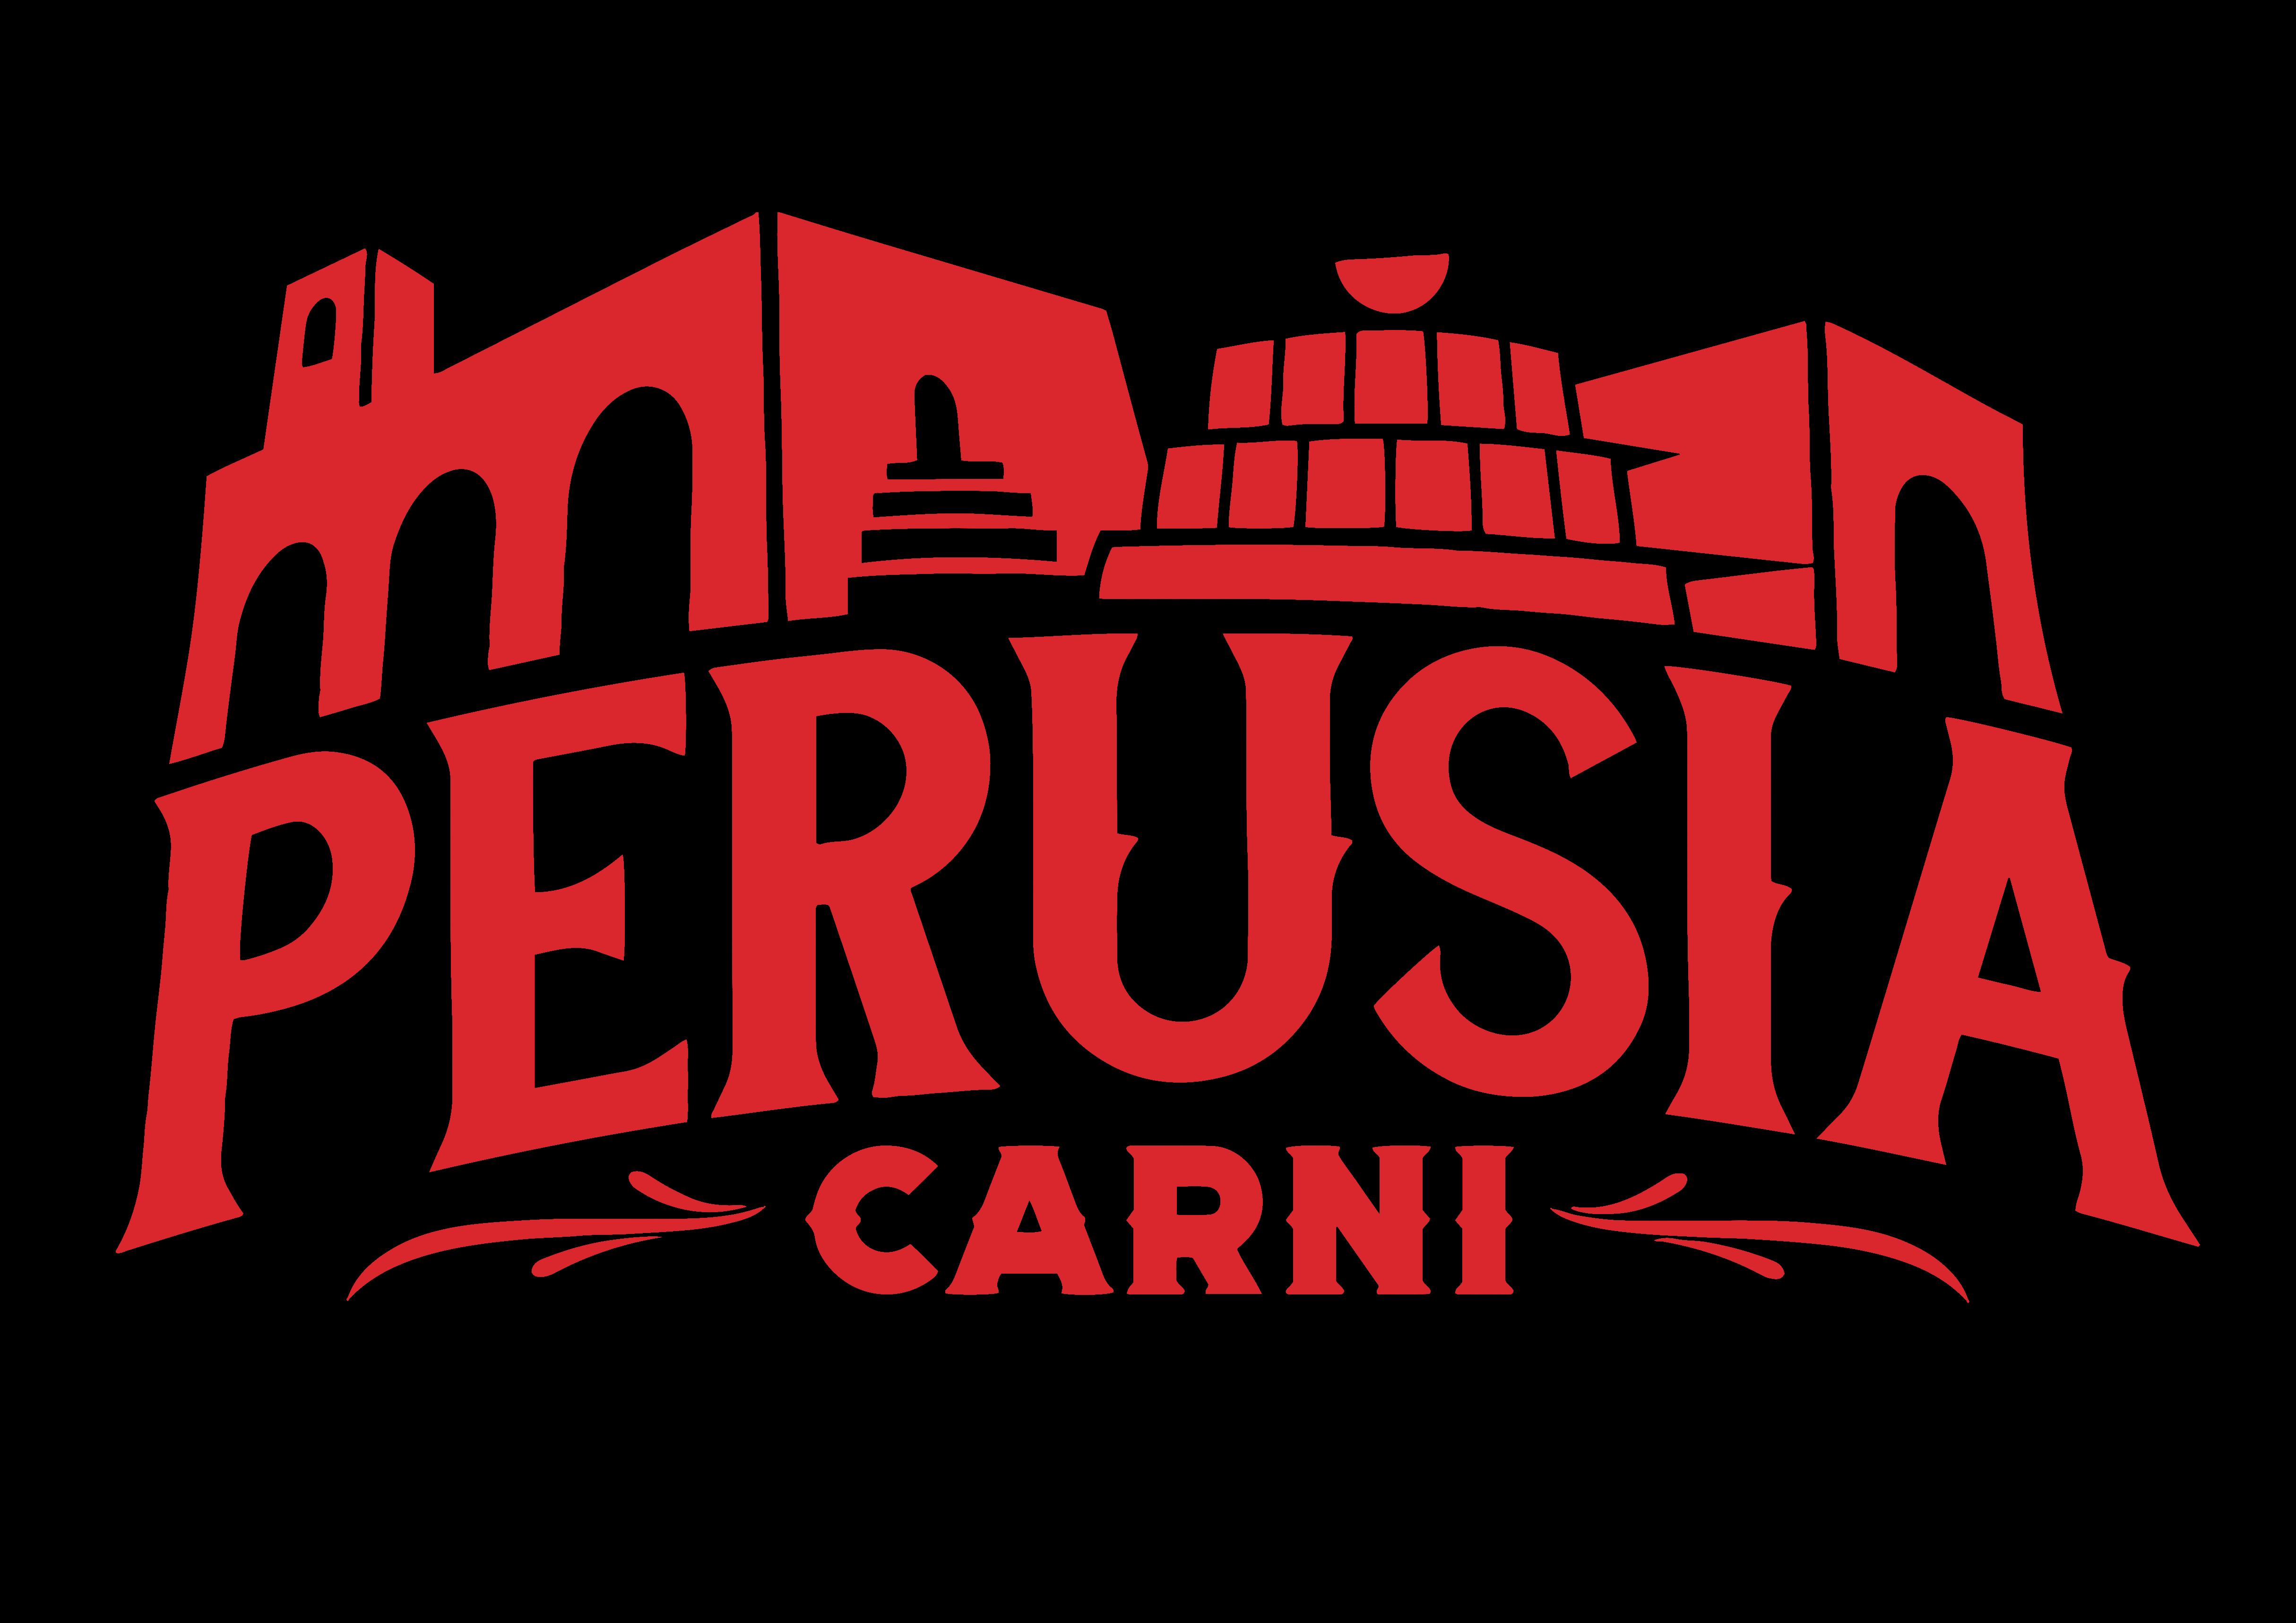 Perusia Carni